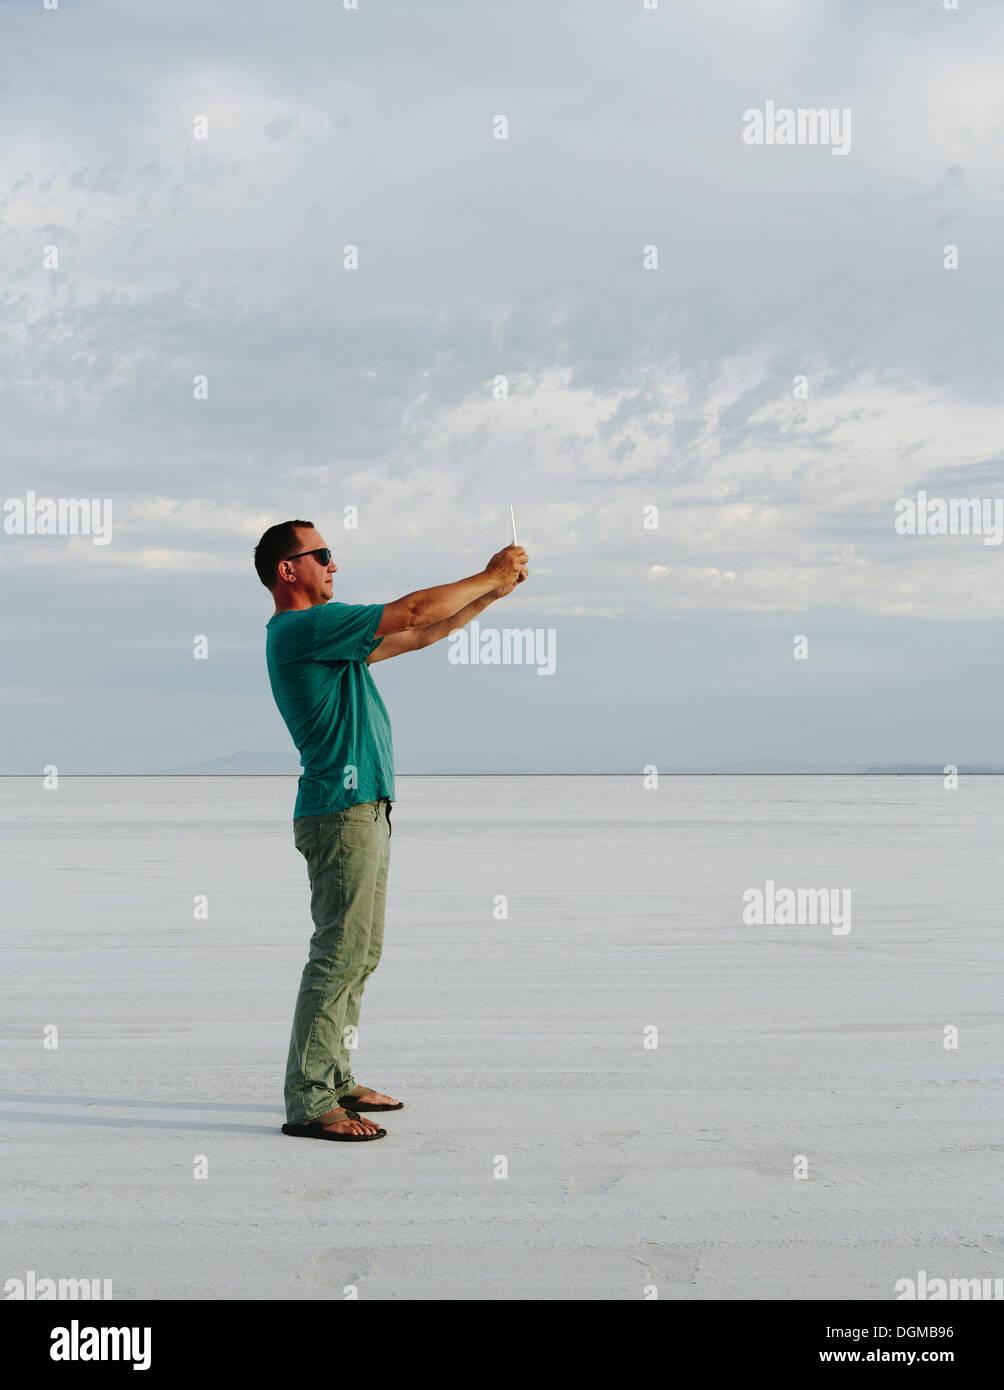 Ein Mann steht auf den Bonneville Salt Flats, Fotografieren mit Tablet-Gerät, in der Dämmerung. Stockbild